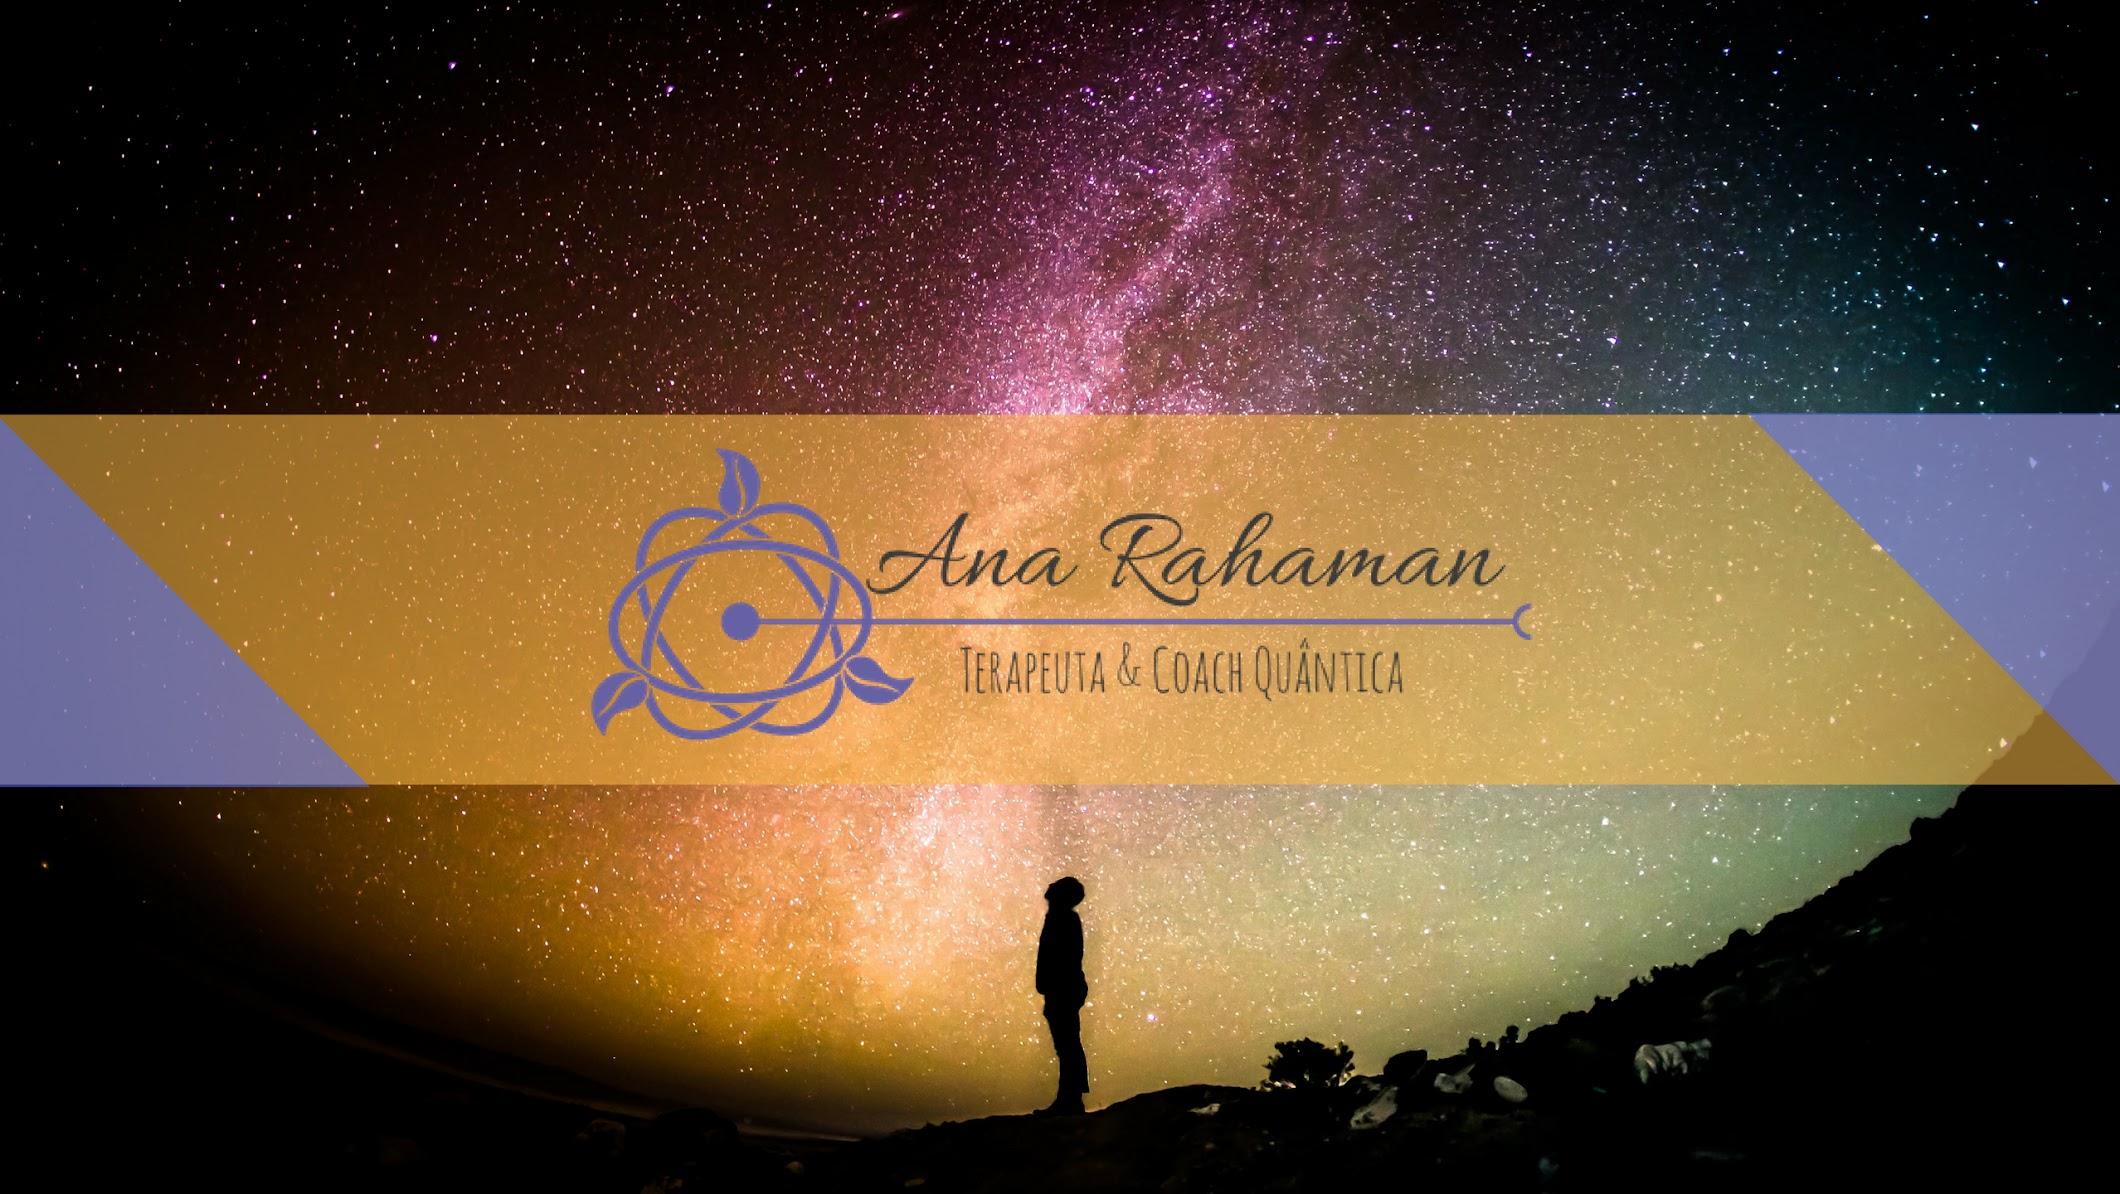 Ana Paula Rahaman